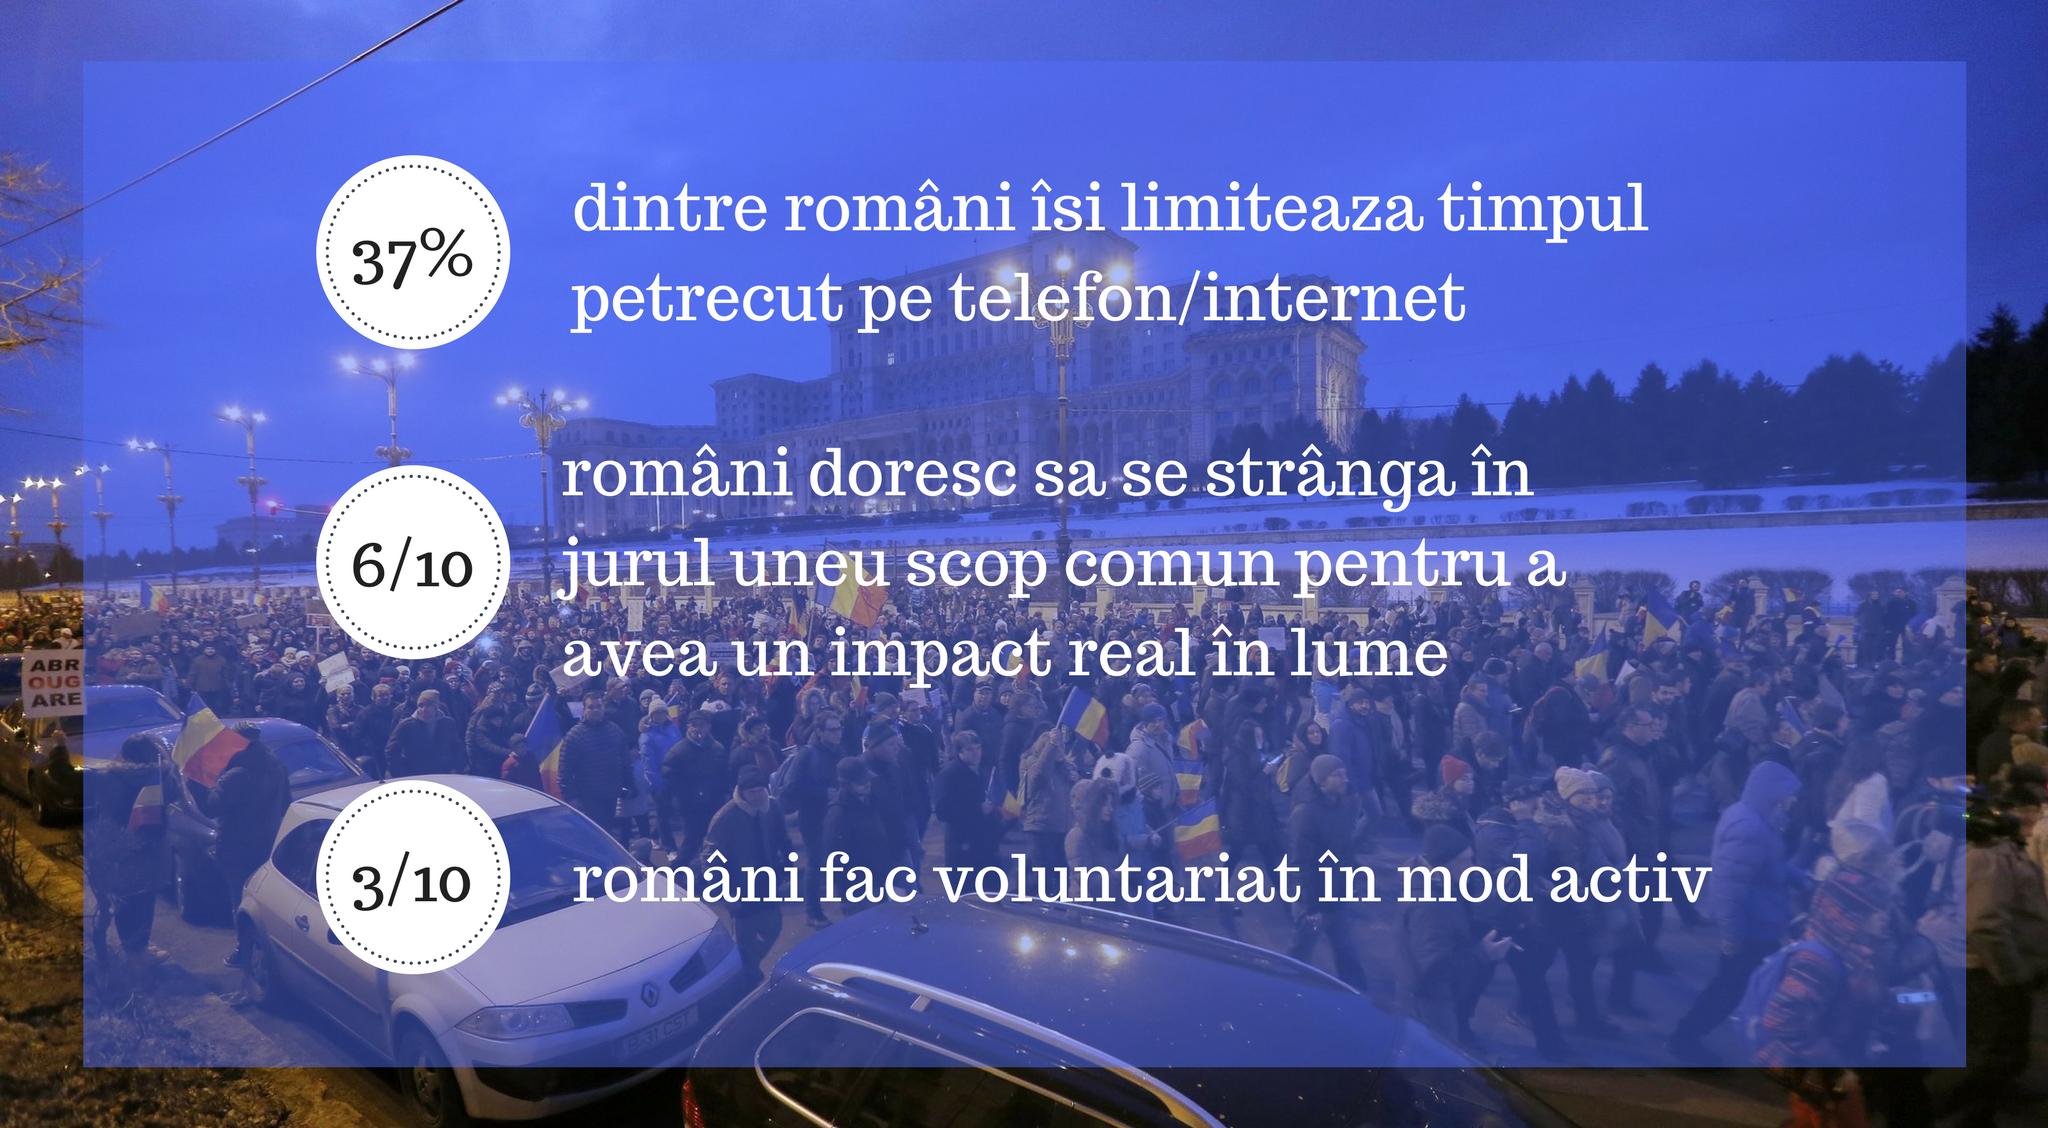 Studiu național complex care arată care sunt trendurile la români în 2018